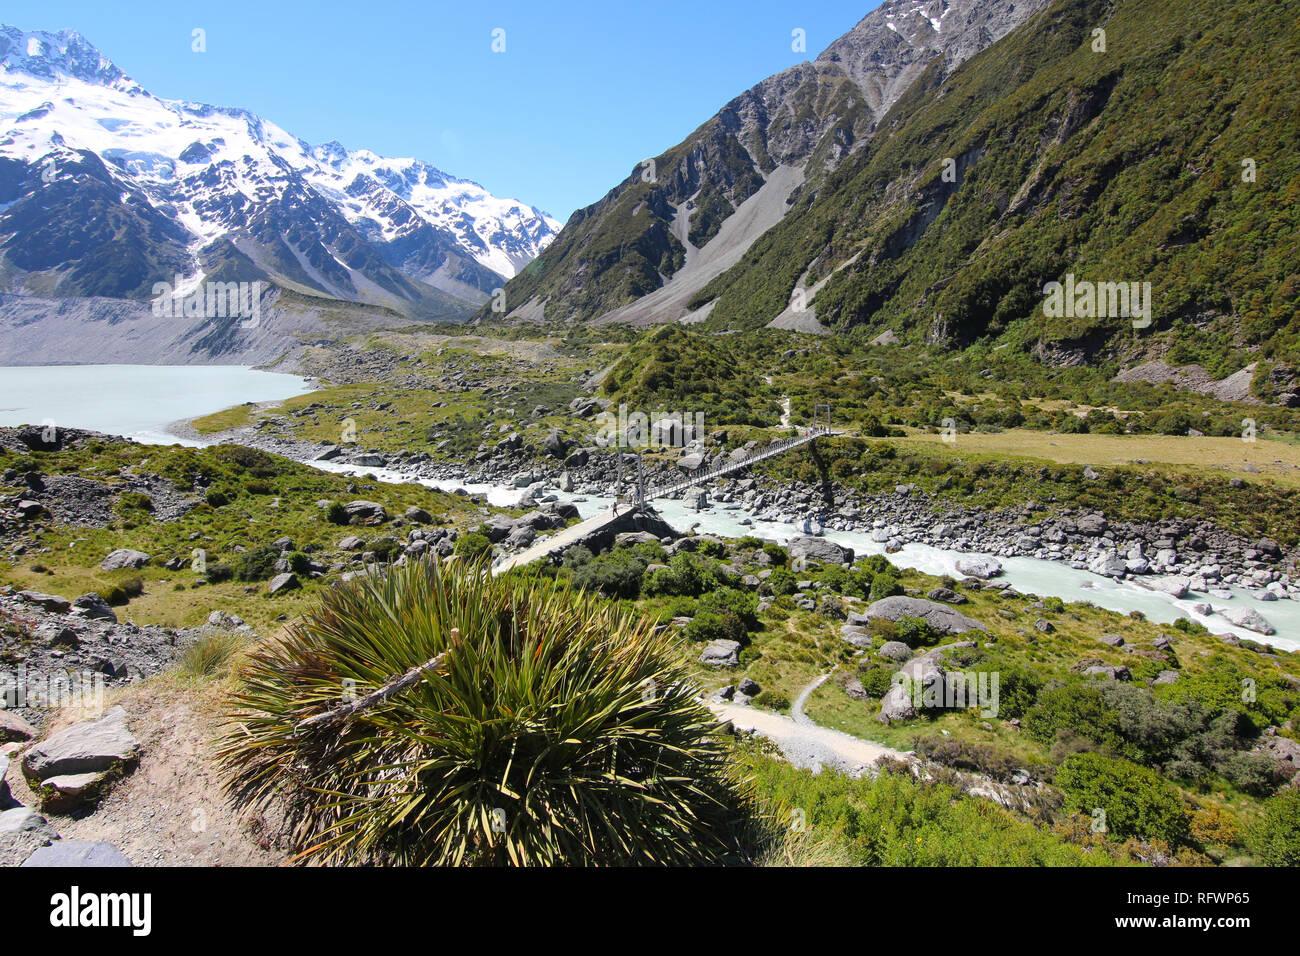 La Hooker Valley Track, île du Sud, Nouvelle-Zélande. La Hooker Valley Track est la plus courte piste de marche dans le parc Aoraki/Mount Cook N. P. Banque D'Images